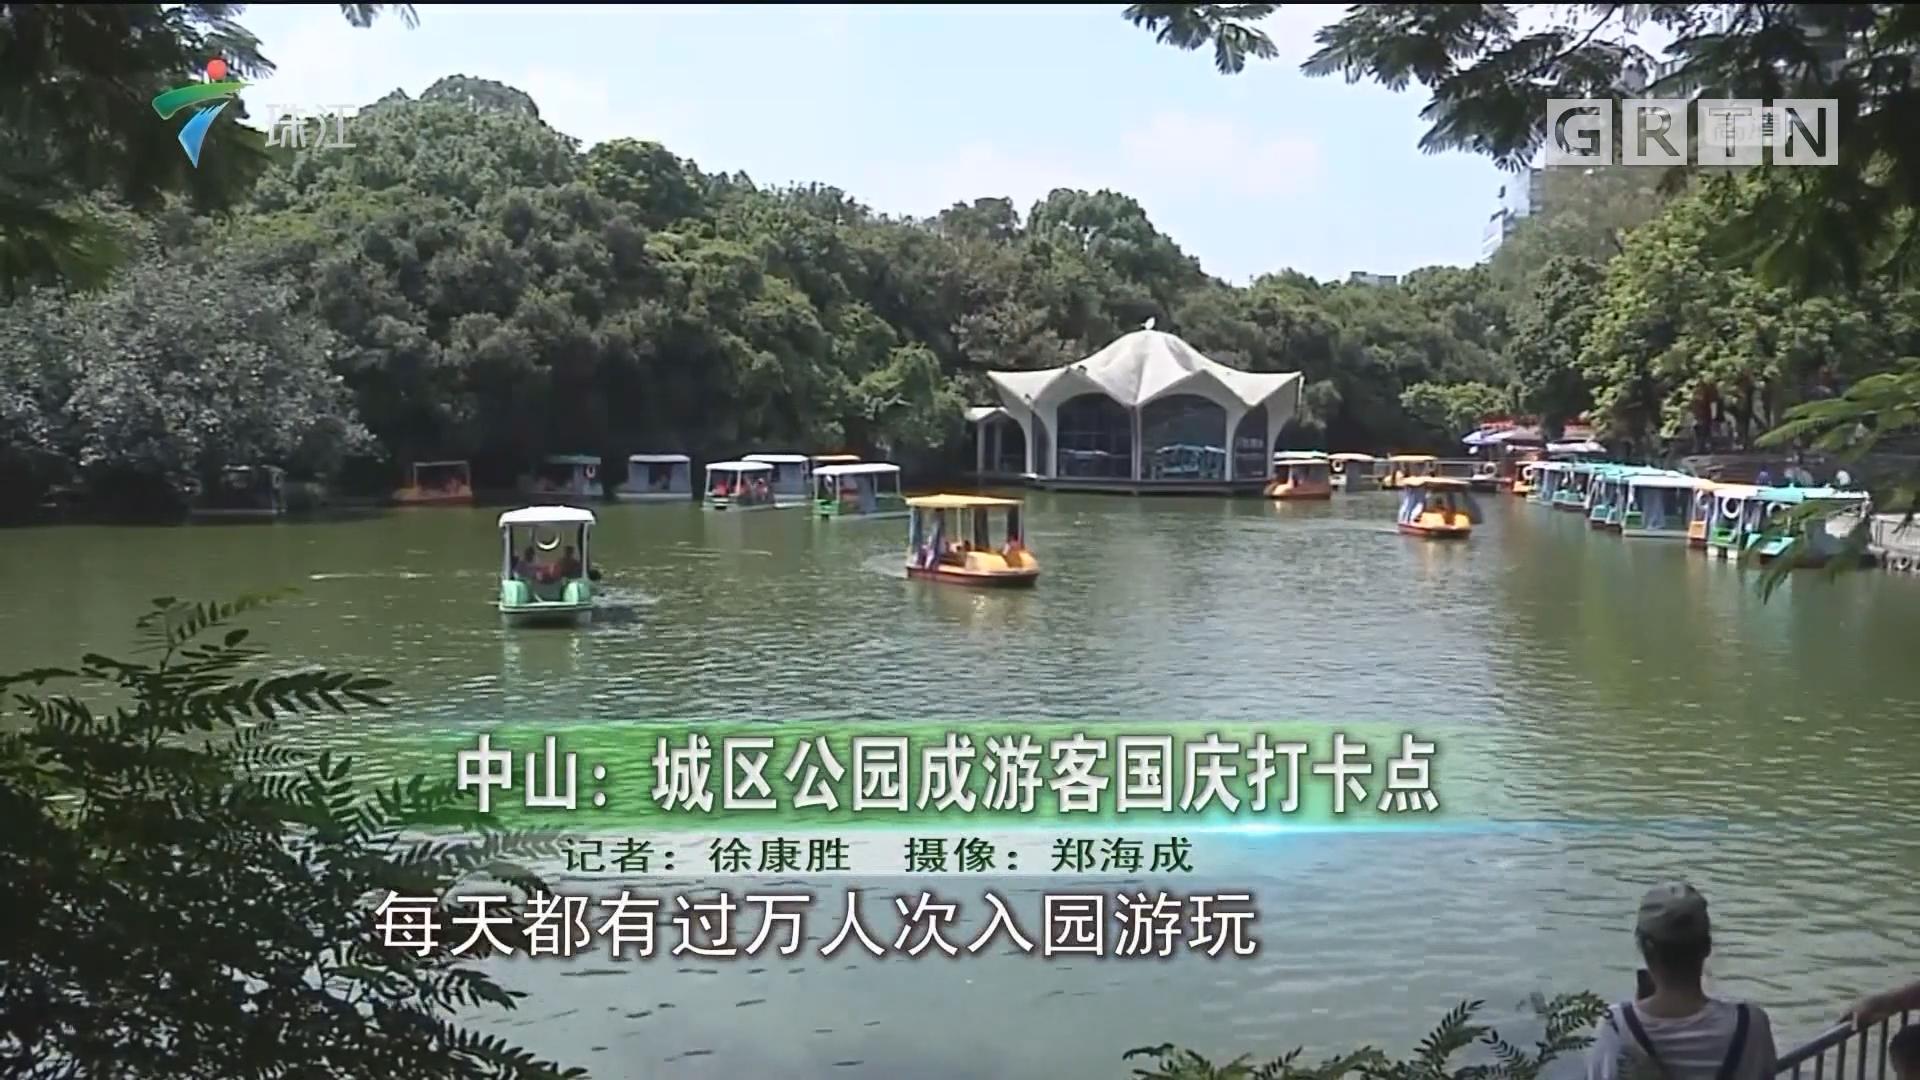 中山:城区公园成游客国庆打卡点